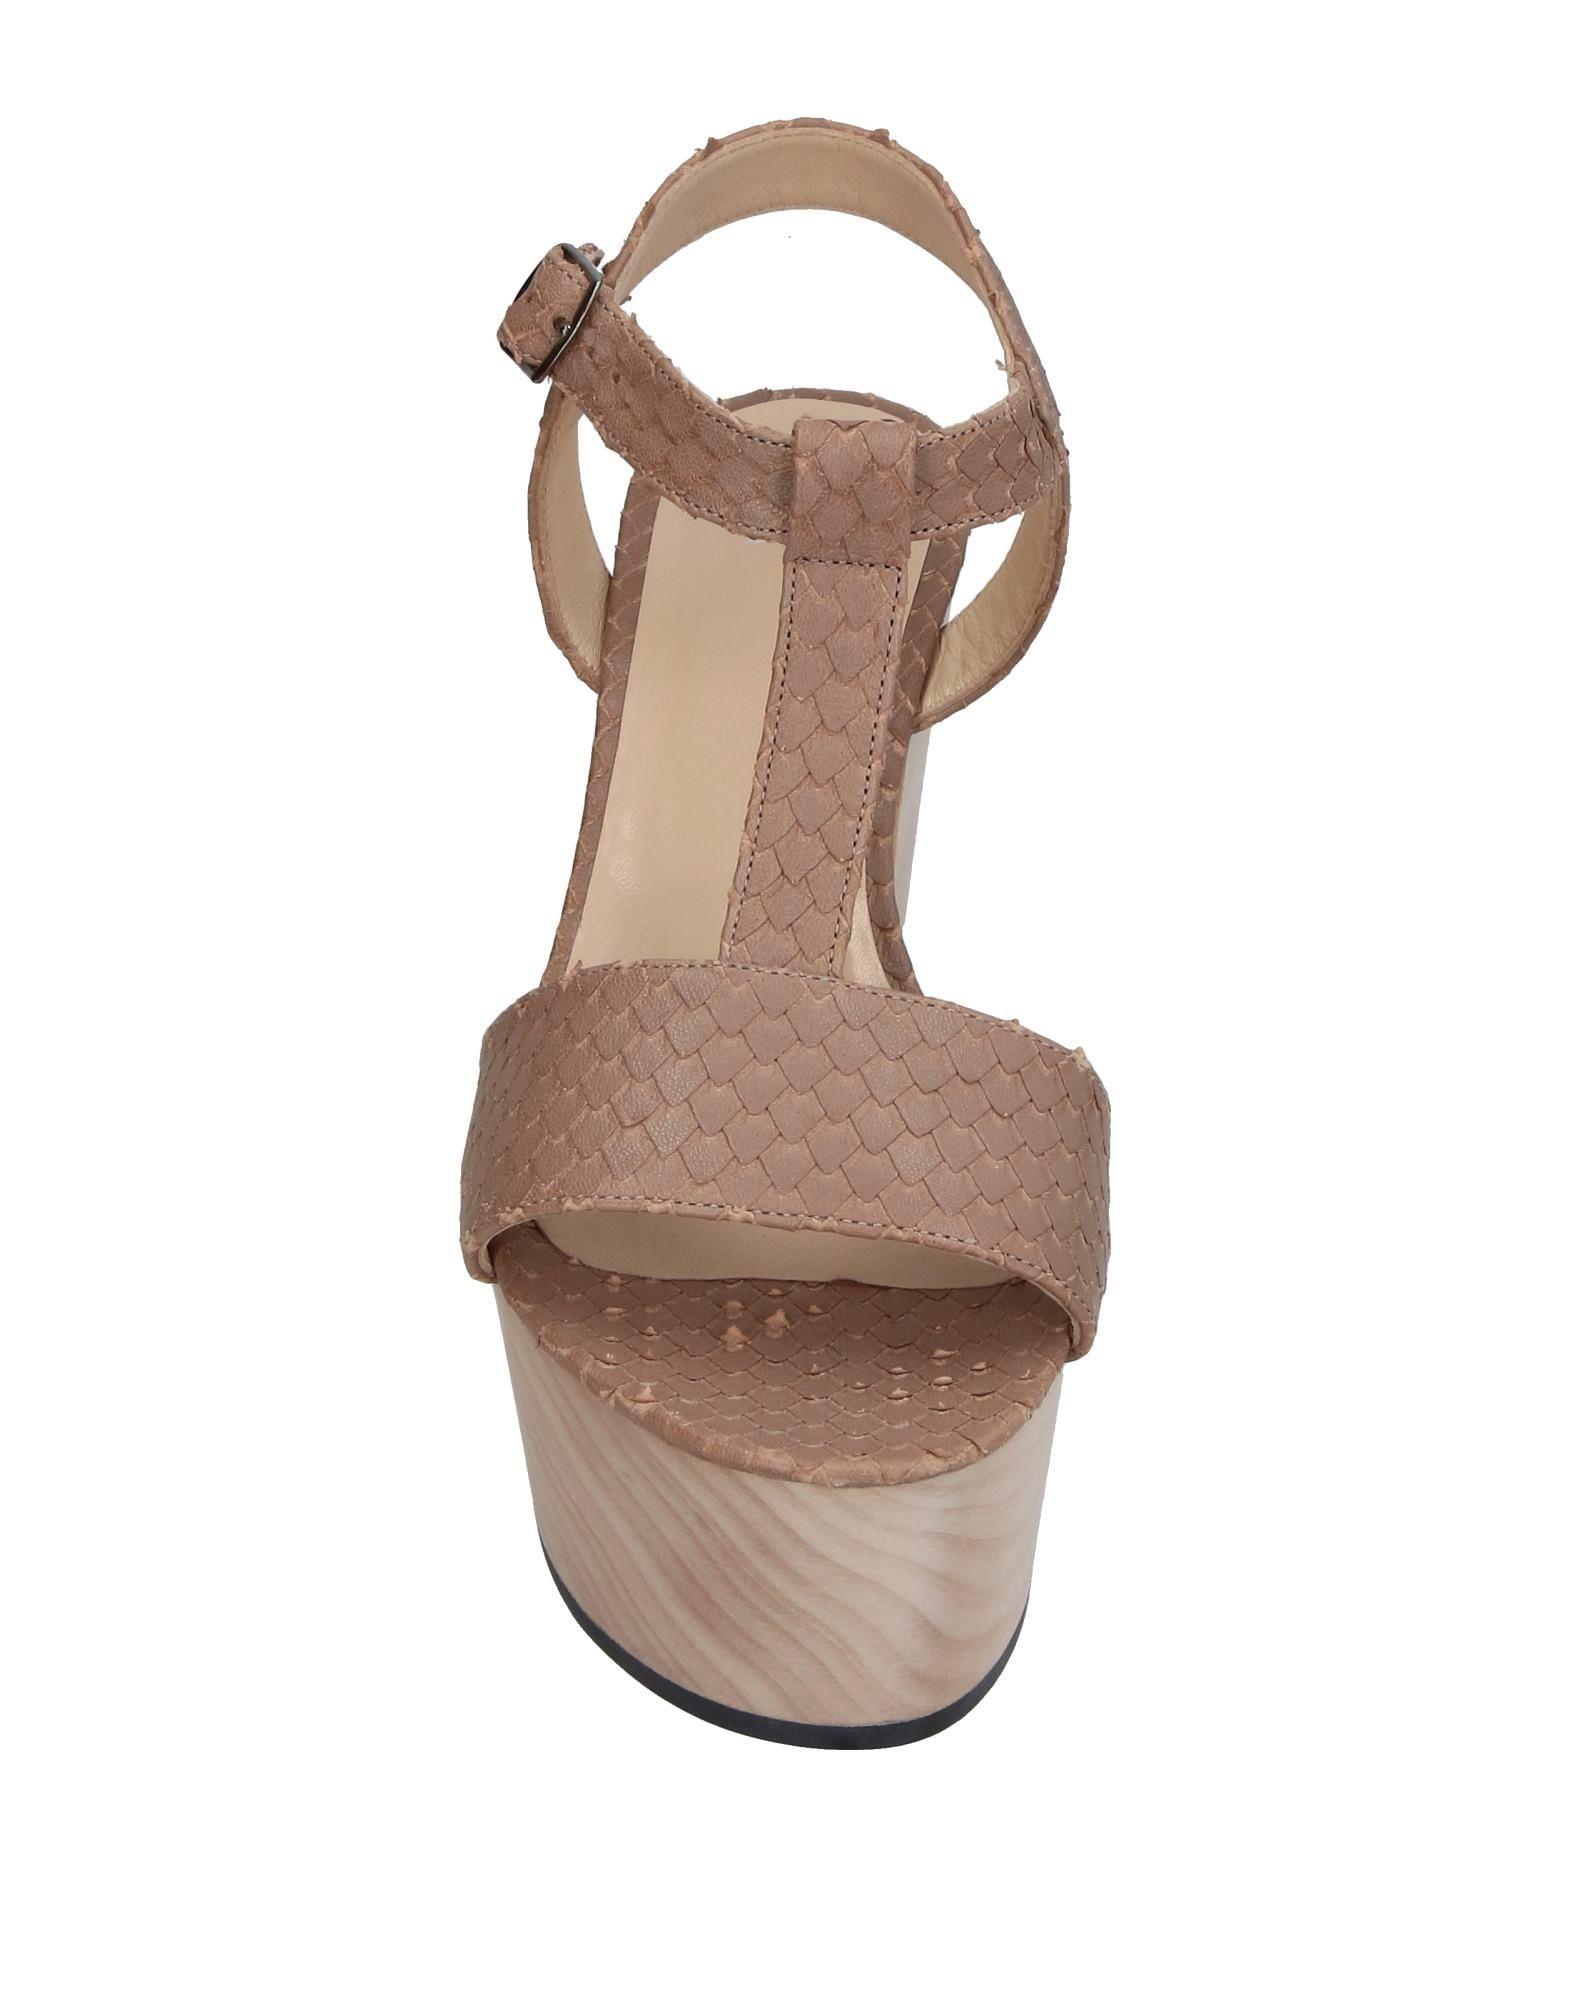 Sandales Lolo Femme - Sandales Lolo sur